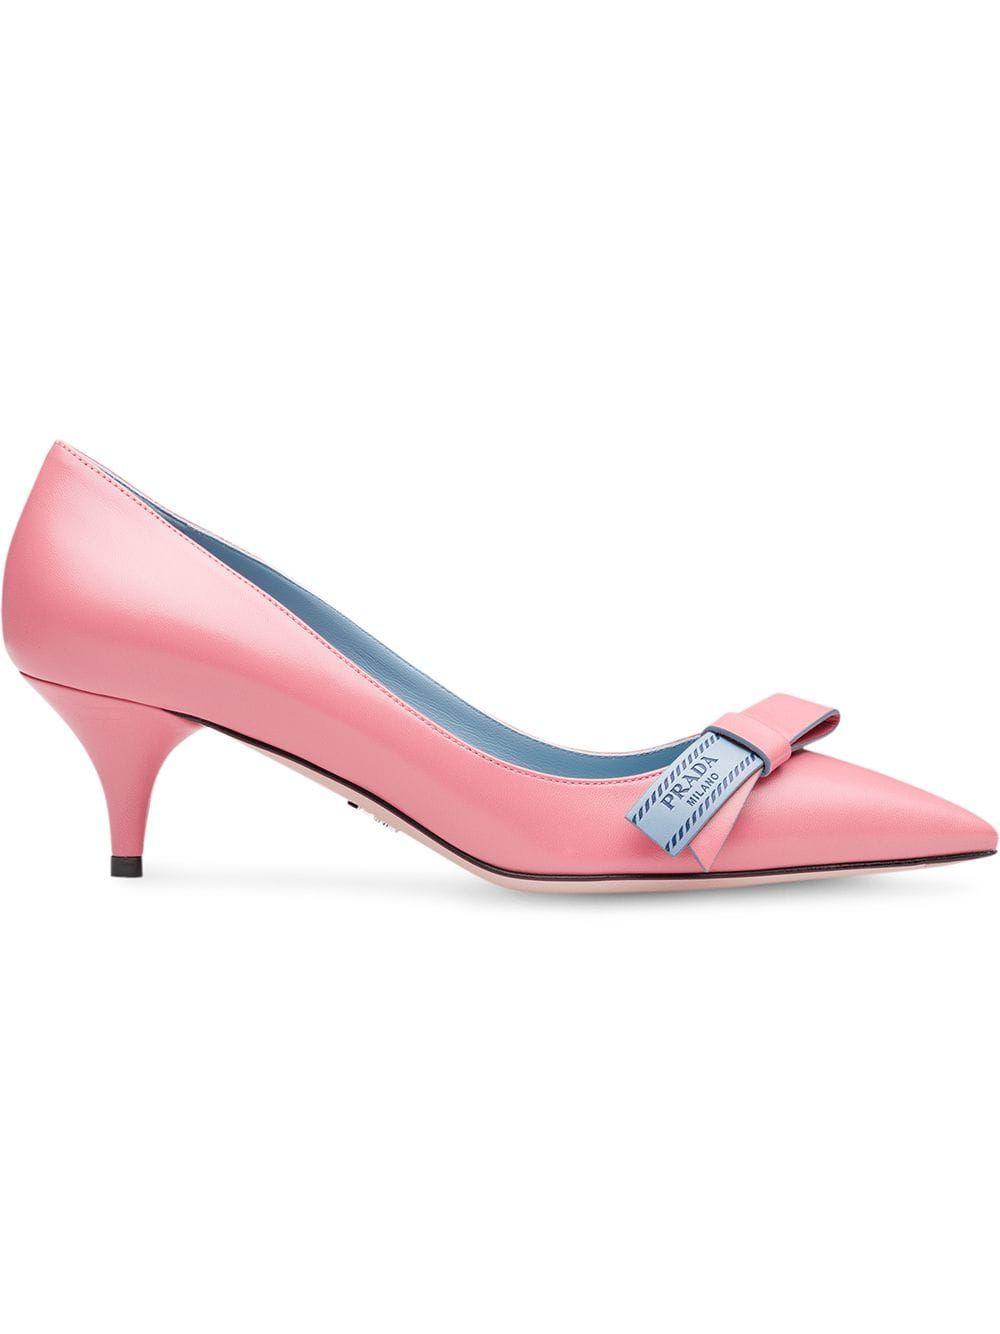 Prada Kitten Heel Bow Pumps Pink Heels Kitten Heels Bow Heels